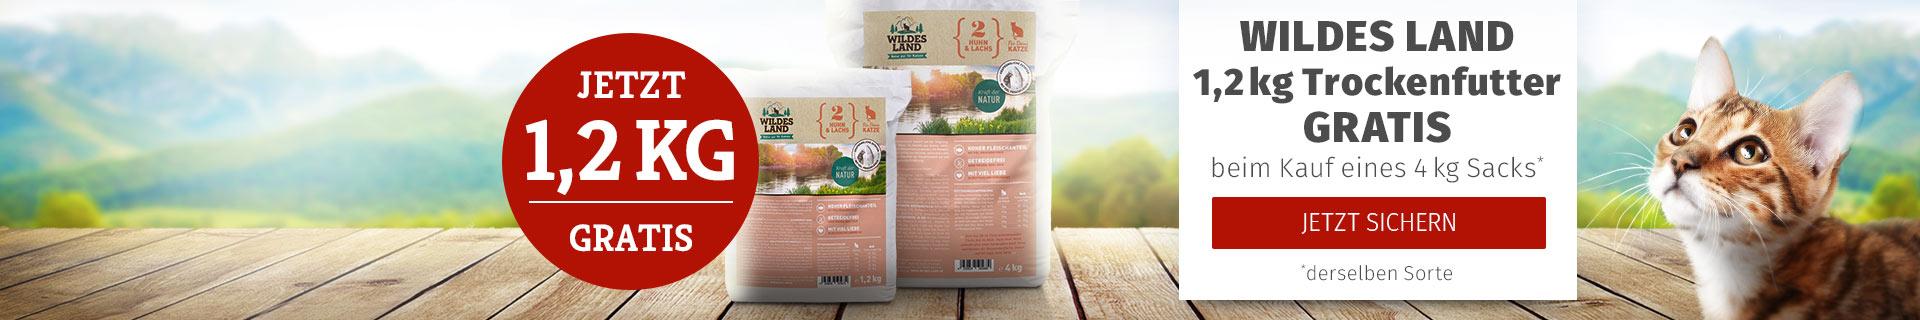 Wildes Land Katze - 4kg Trockenfutter Sack bestellen + 1,2kg derselben Sorte gratis